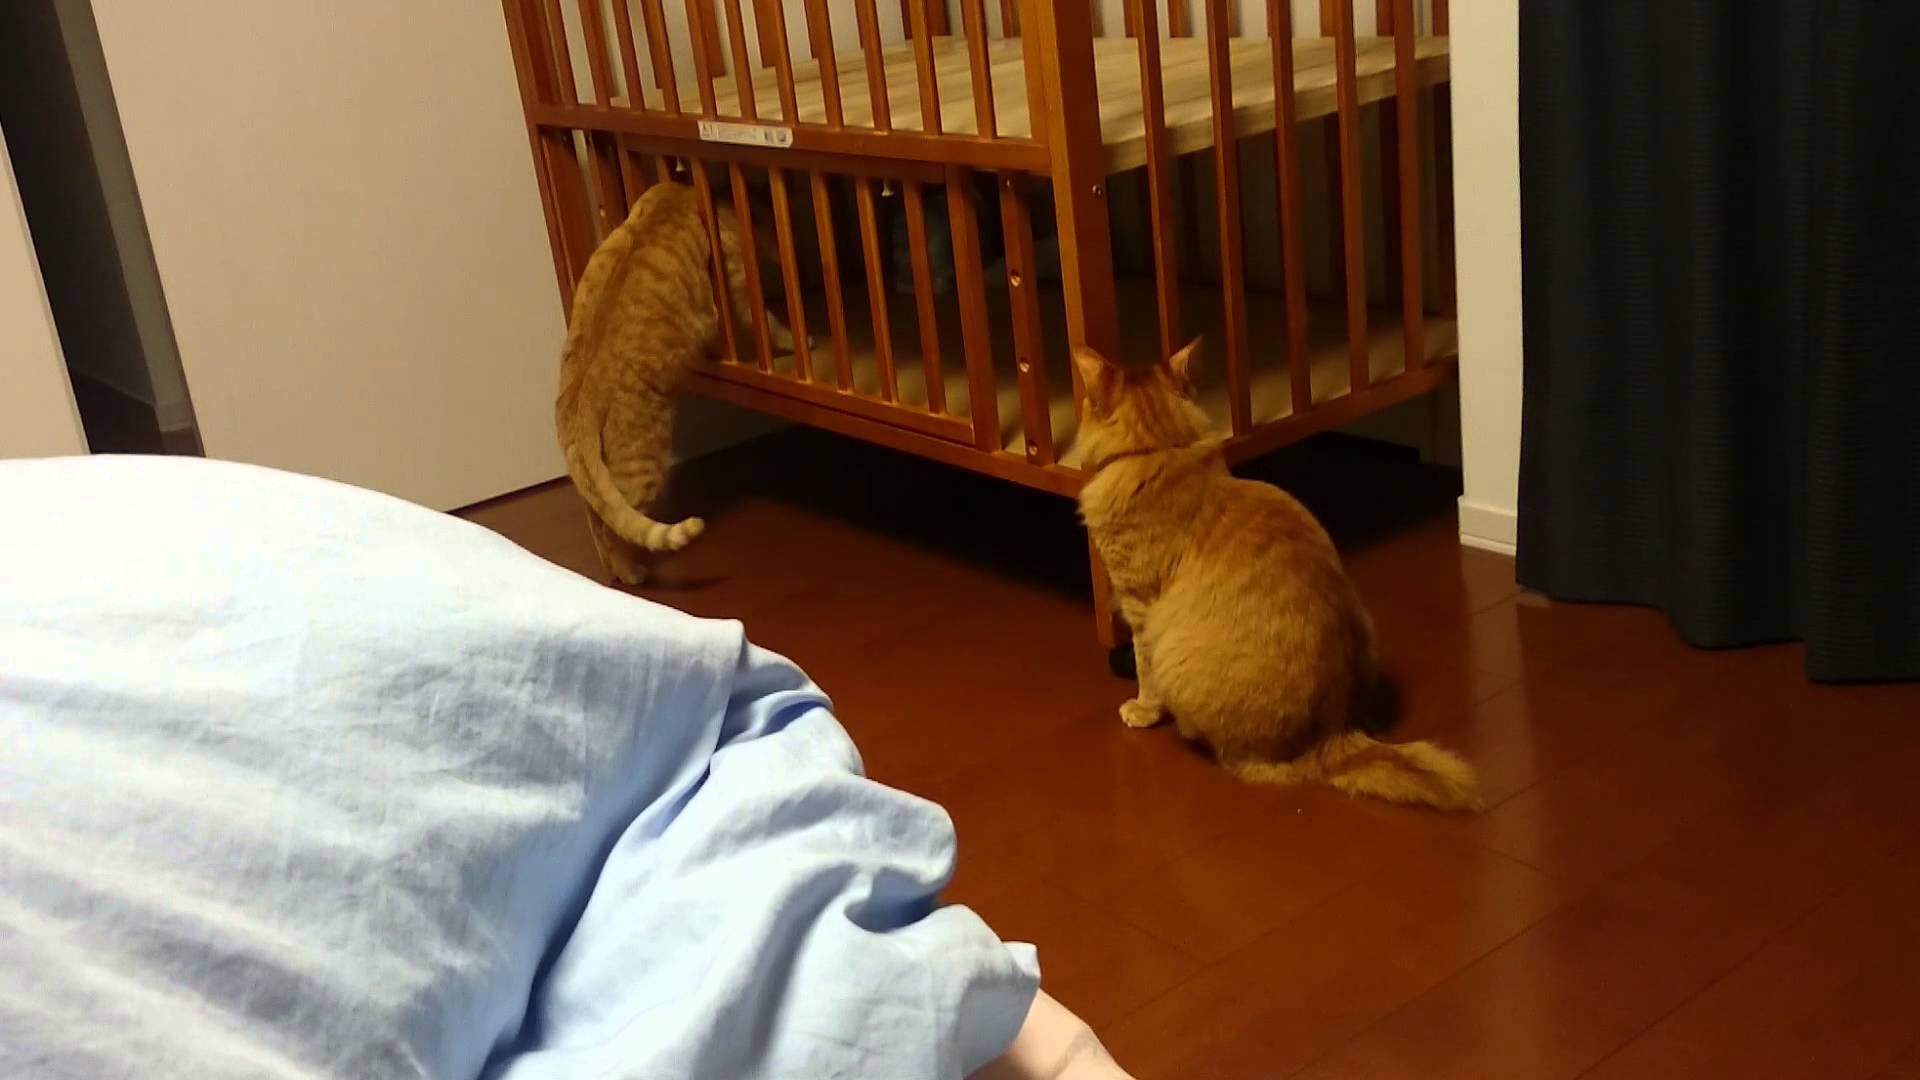 猫ちゃんの珍行動!?ベビーベットに挟まる猫ちゃん♡